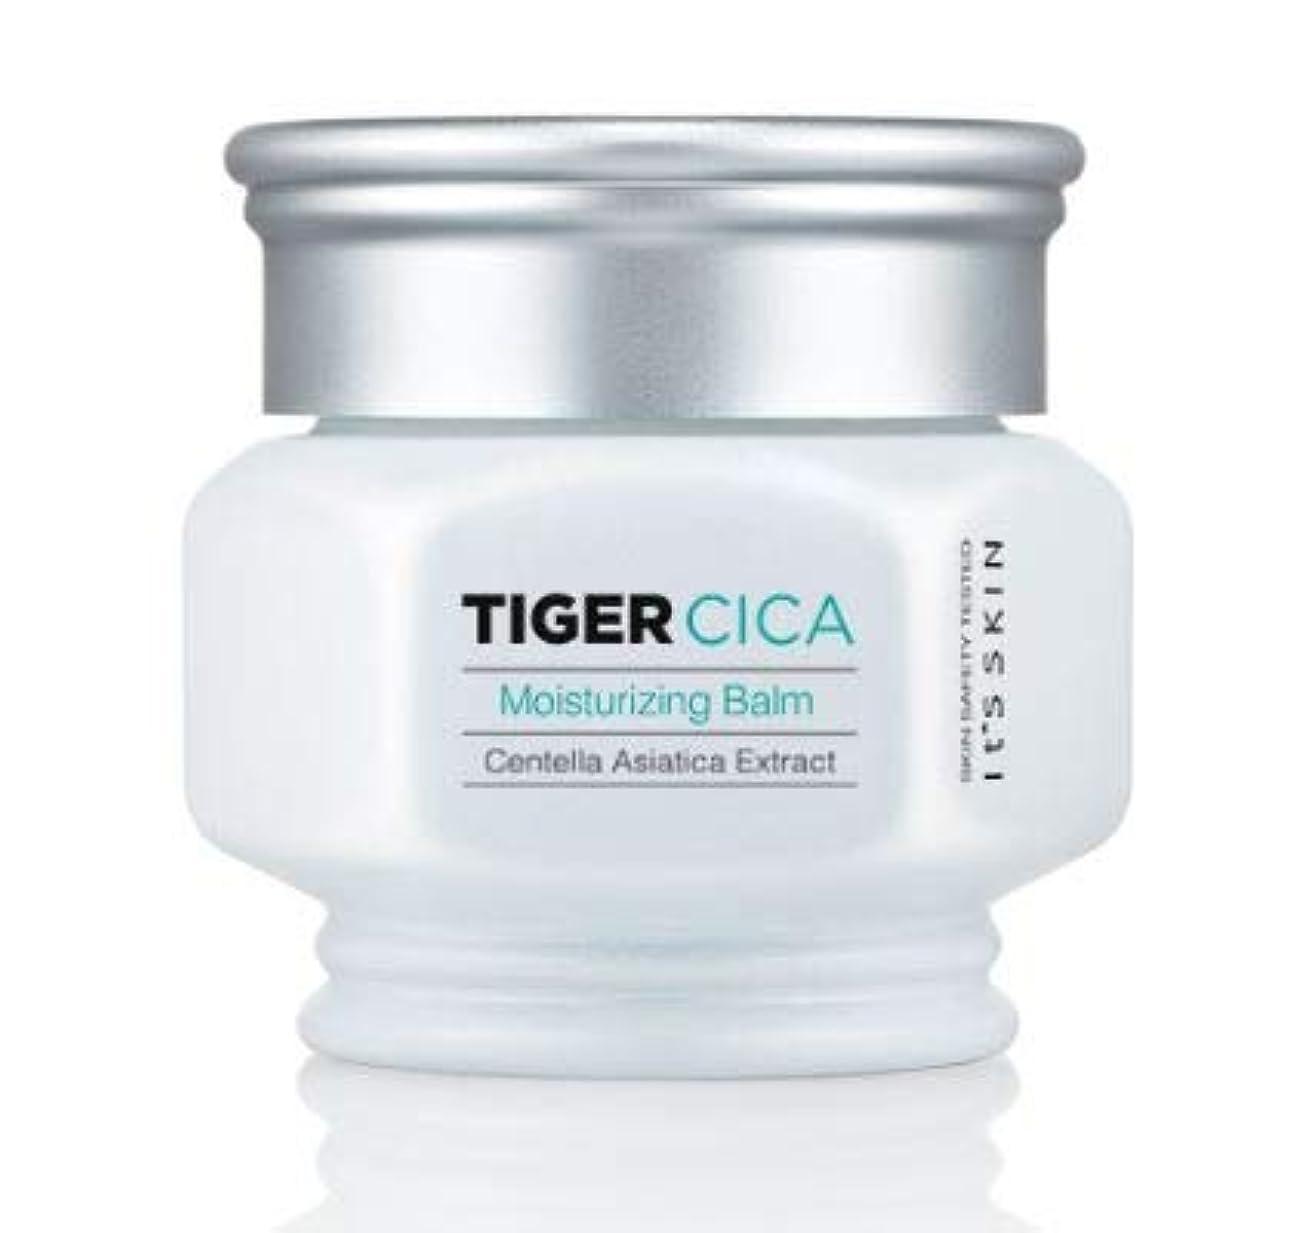 後継欠如拾う[It's Skin] Tiger Cica Moisturizing Balm 50ml /[イッツスキン] タイガーシカ モイスチャライジング バーム 50ml [並行輸入品]